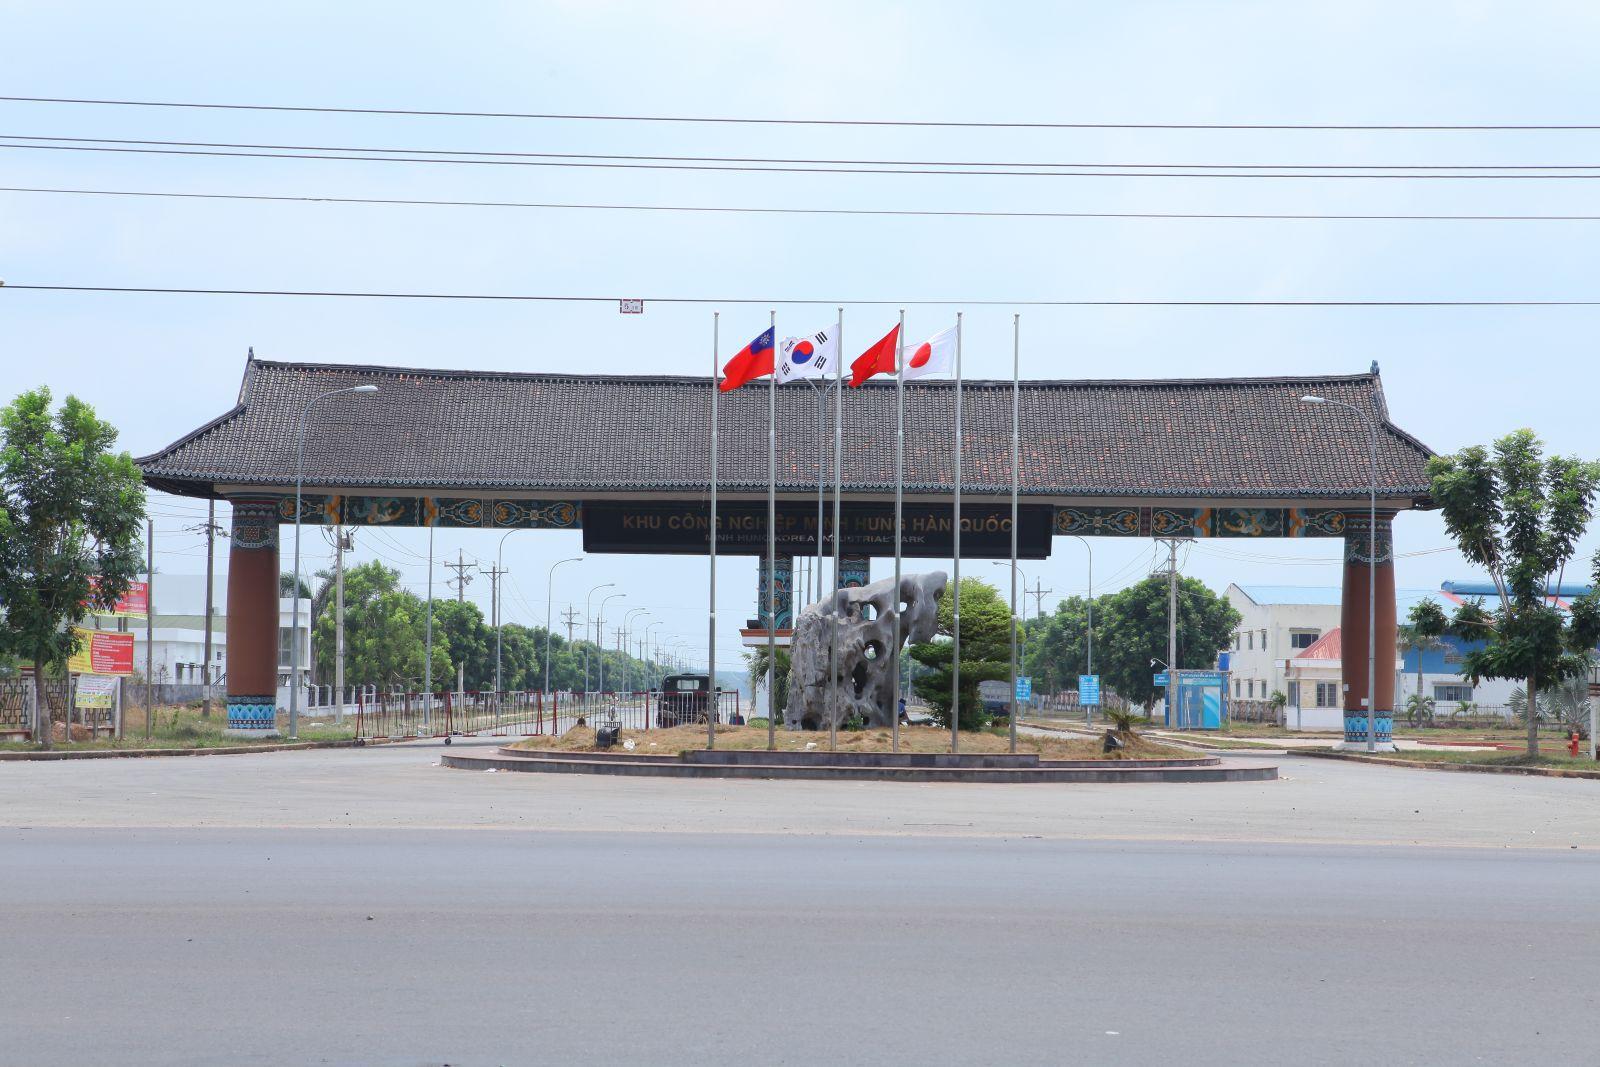 Khu công nghiệp Minh Hưng - Hàn Quốc